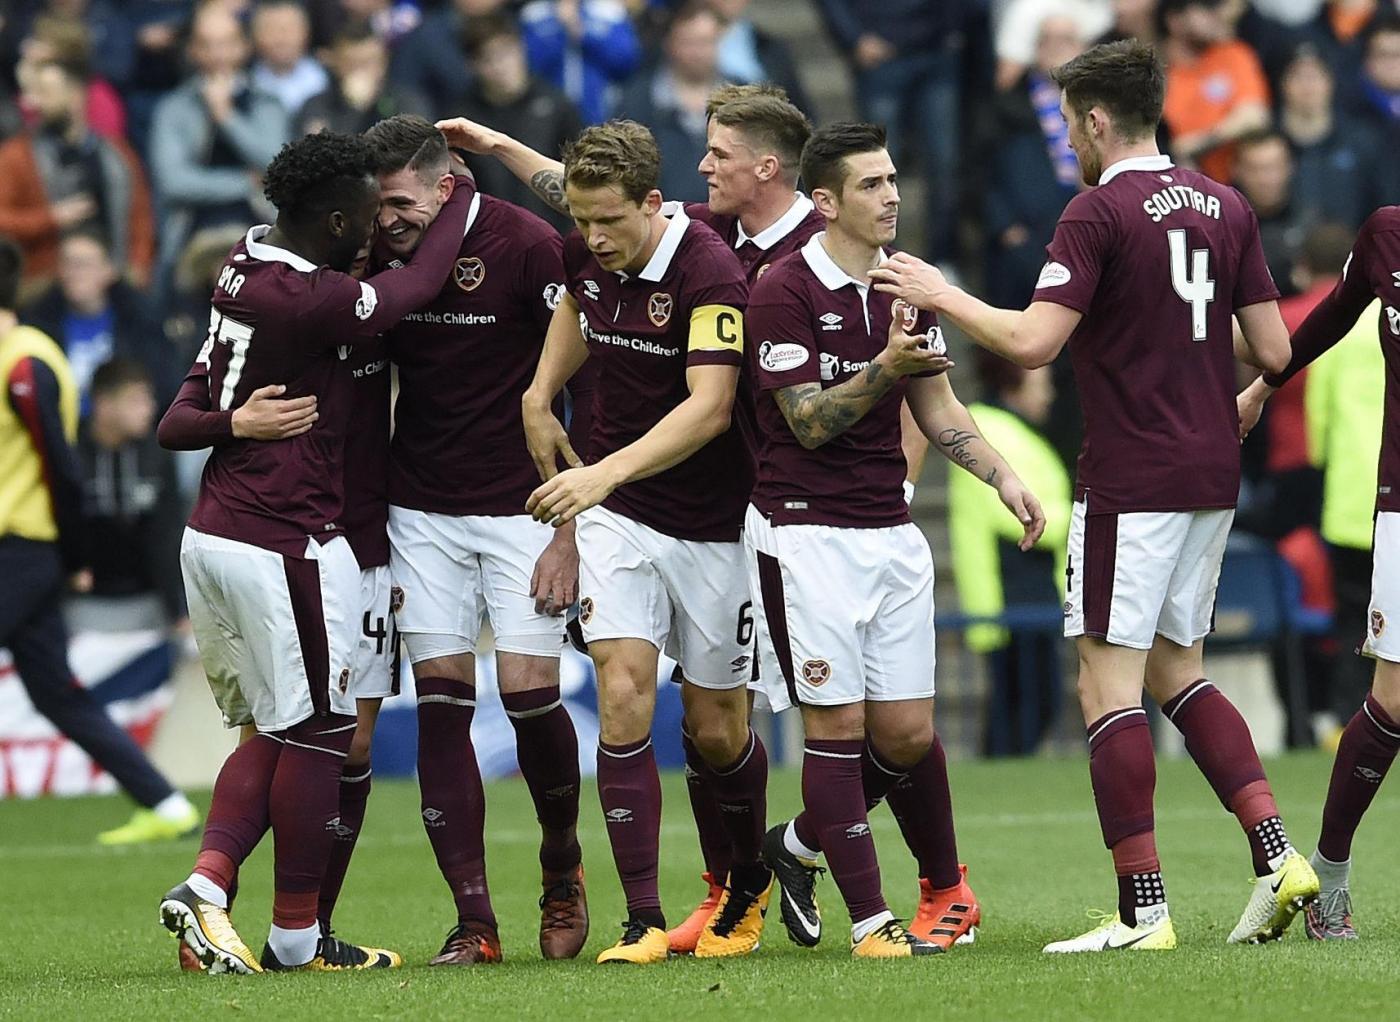 Livingston-Hearts 14 dicembre: match della Serie A del calcio scozzese. Gli ospiti partono favoriti per la conquista dei 3 punti in palio.